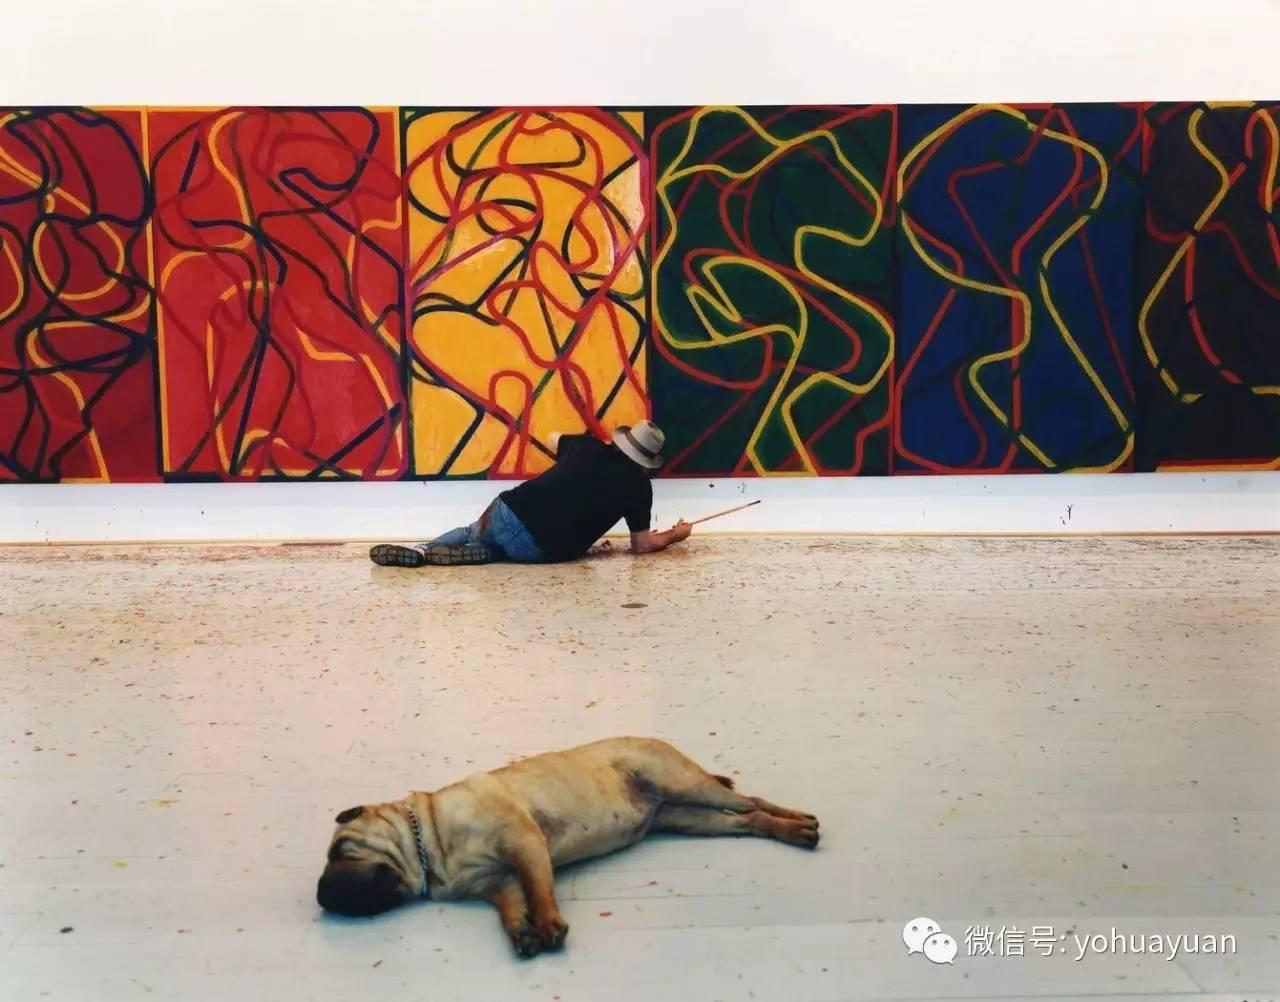 抽象主义作品画-极简抽象表现主义画作